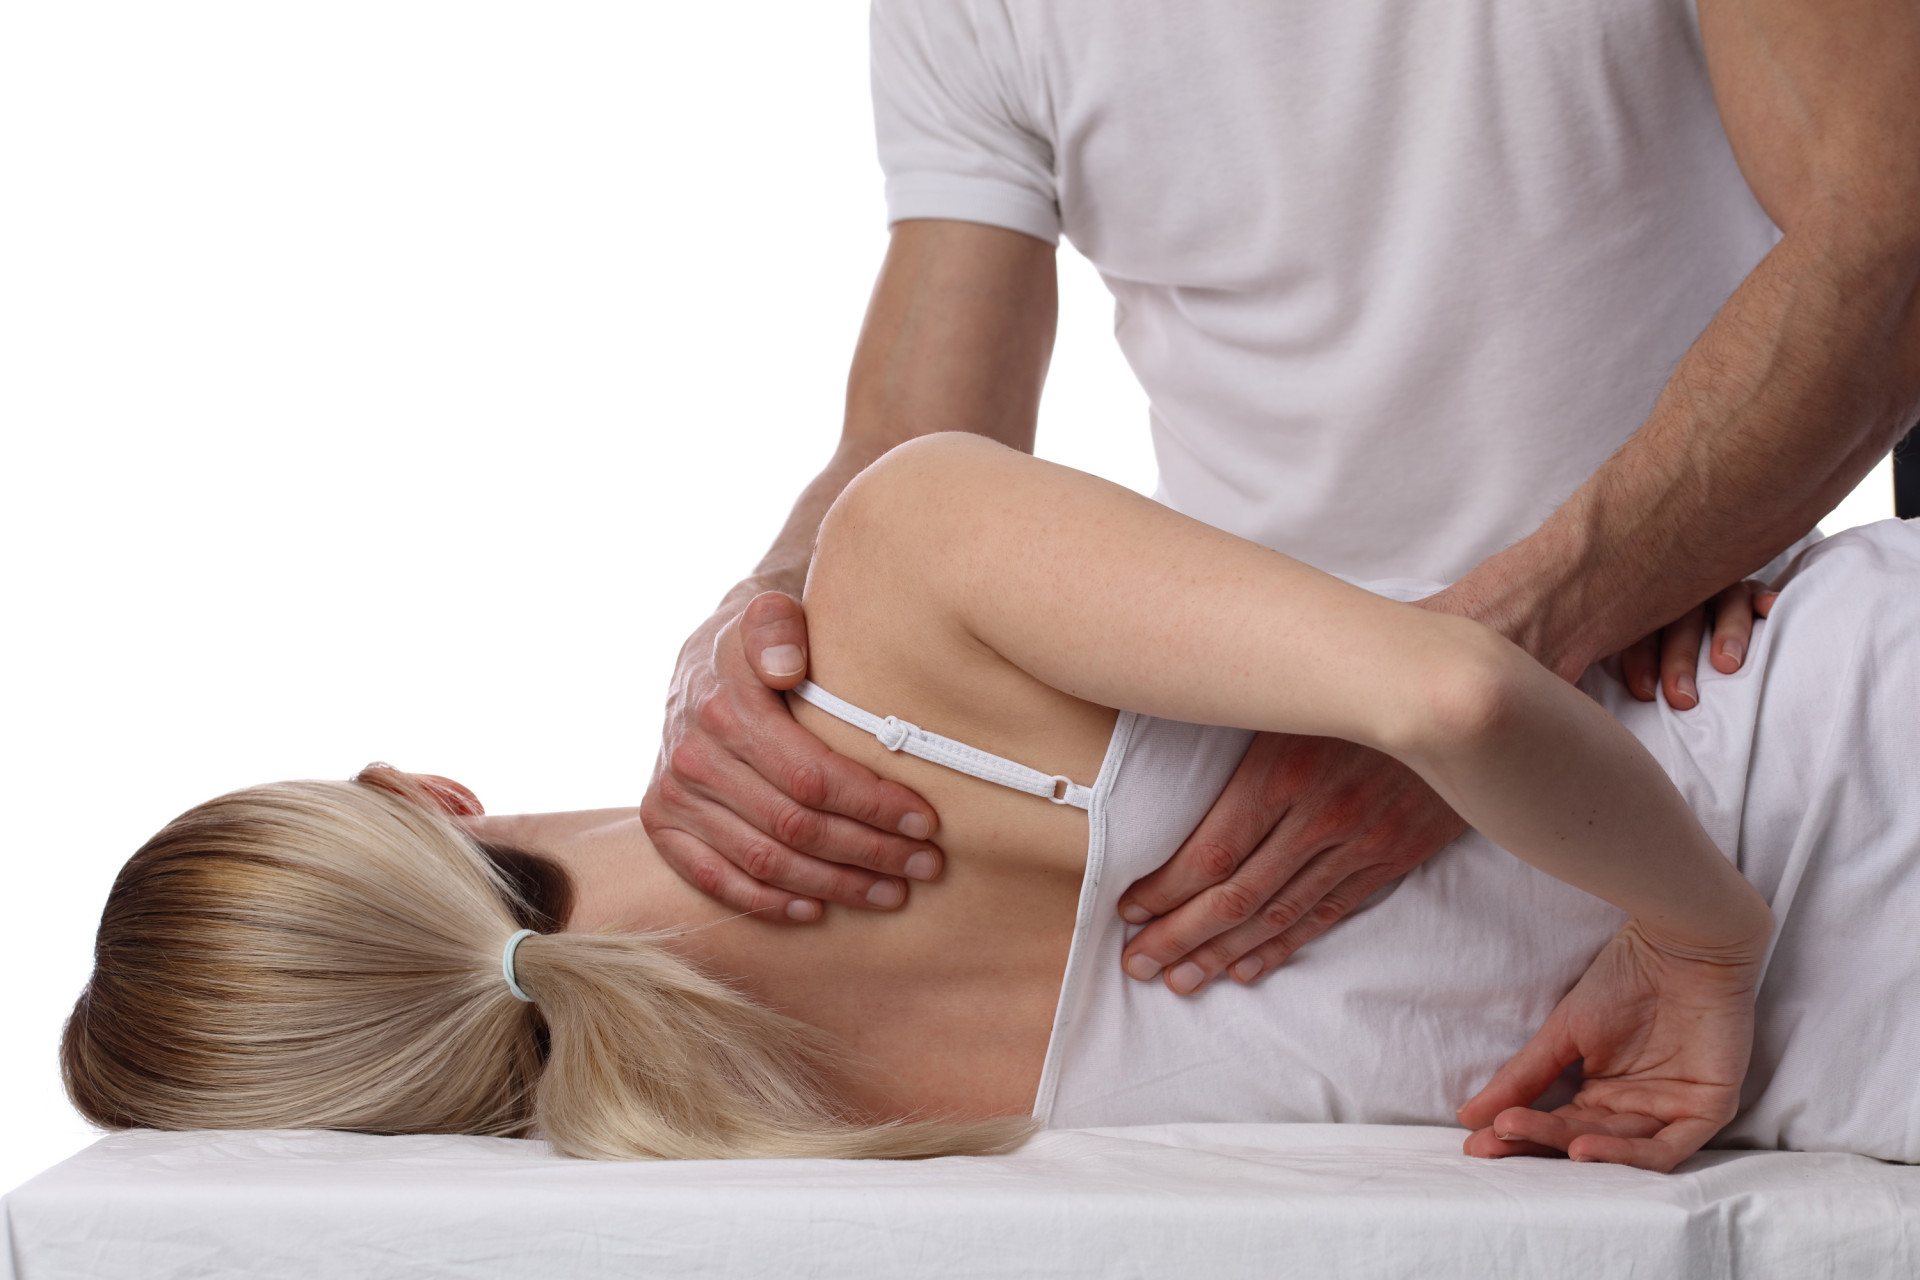 Therapeut führt Übung an Schulter/Rücken einer Patientin durch